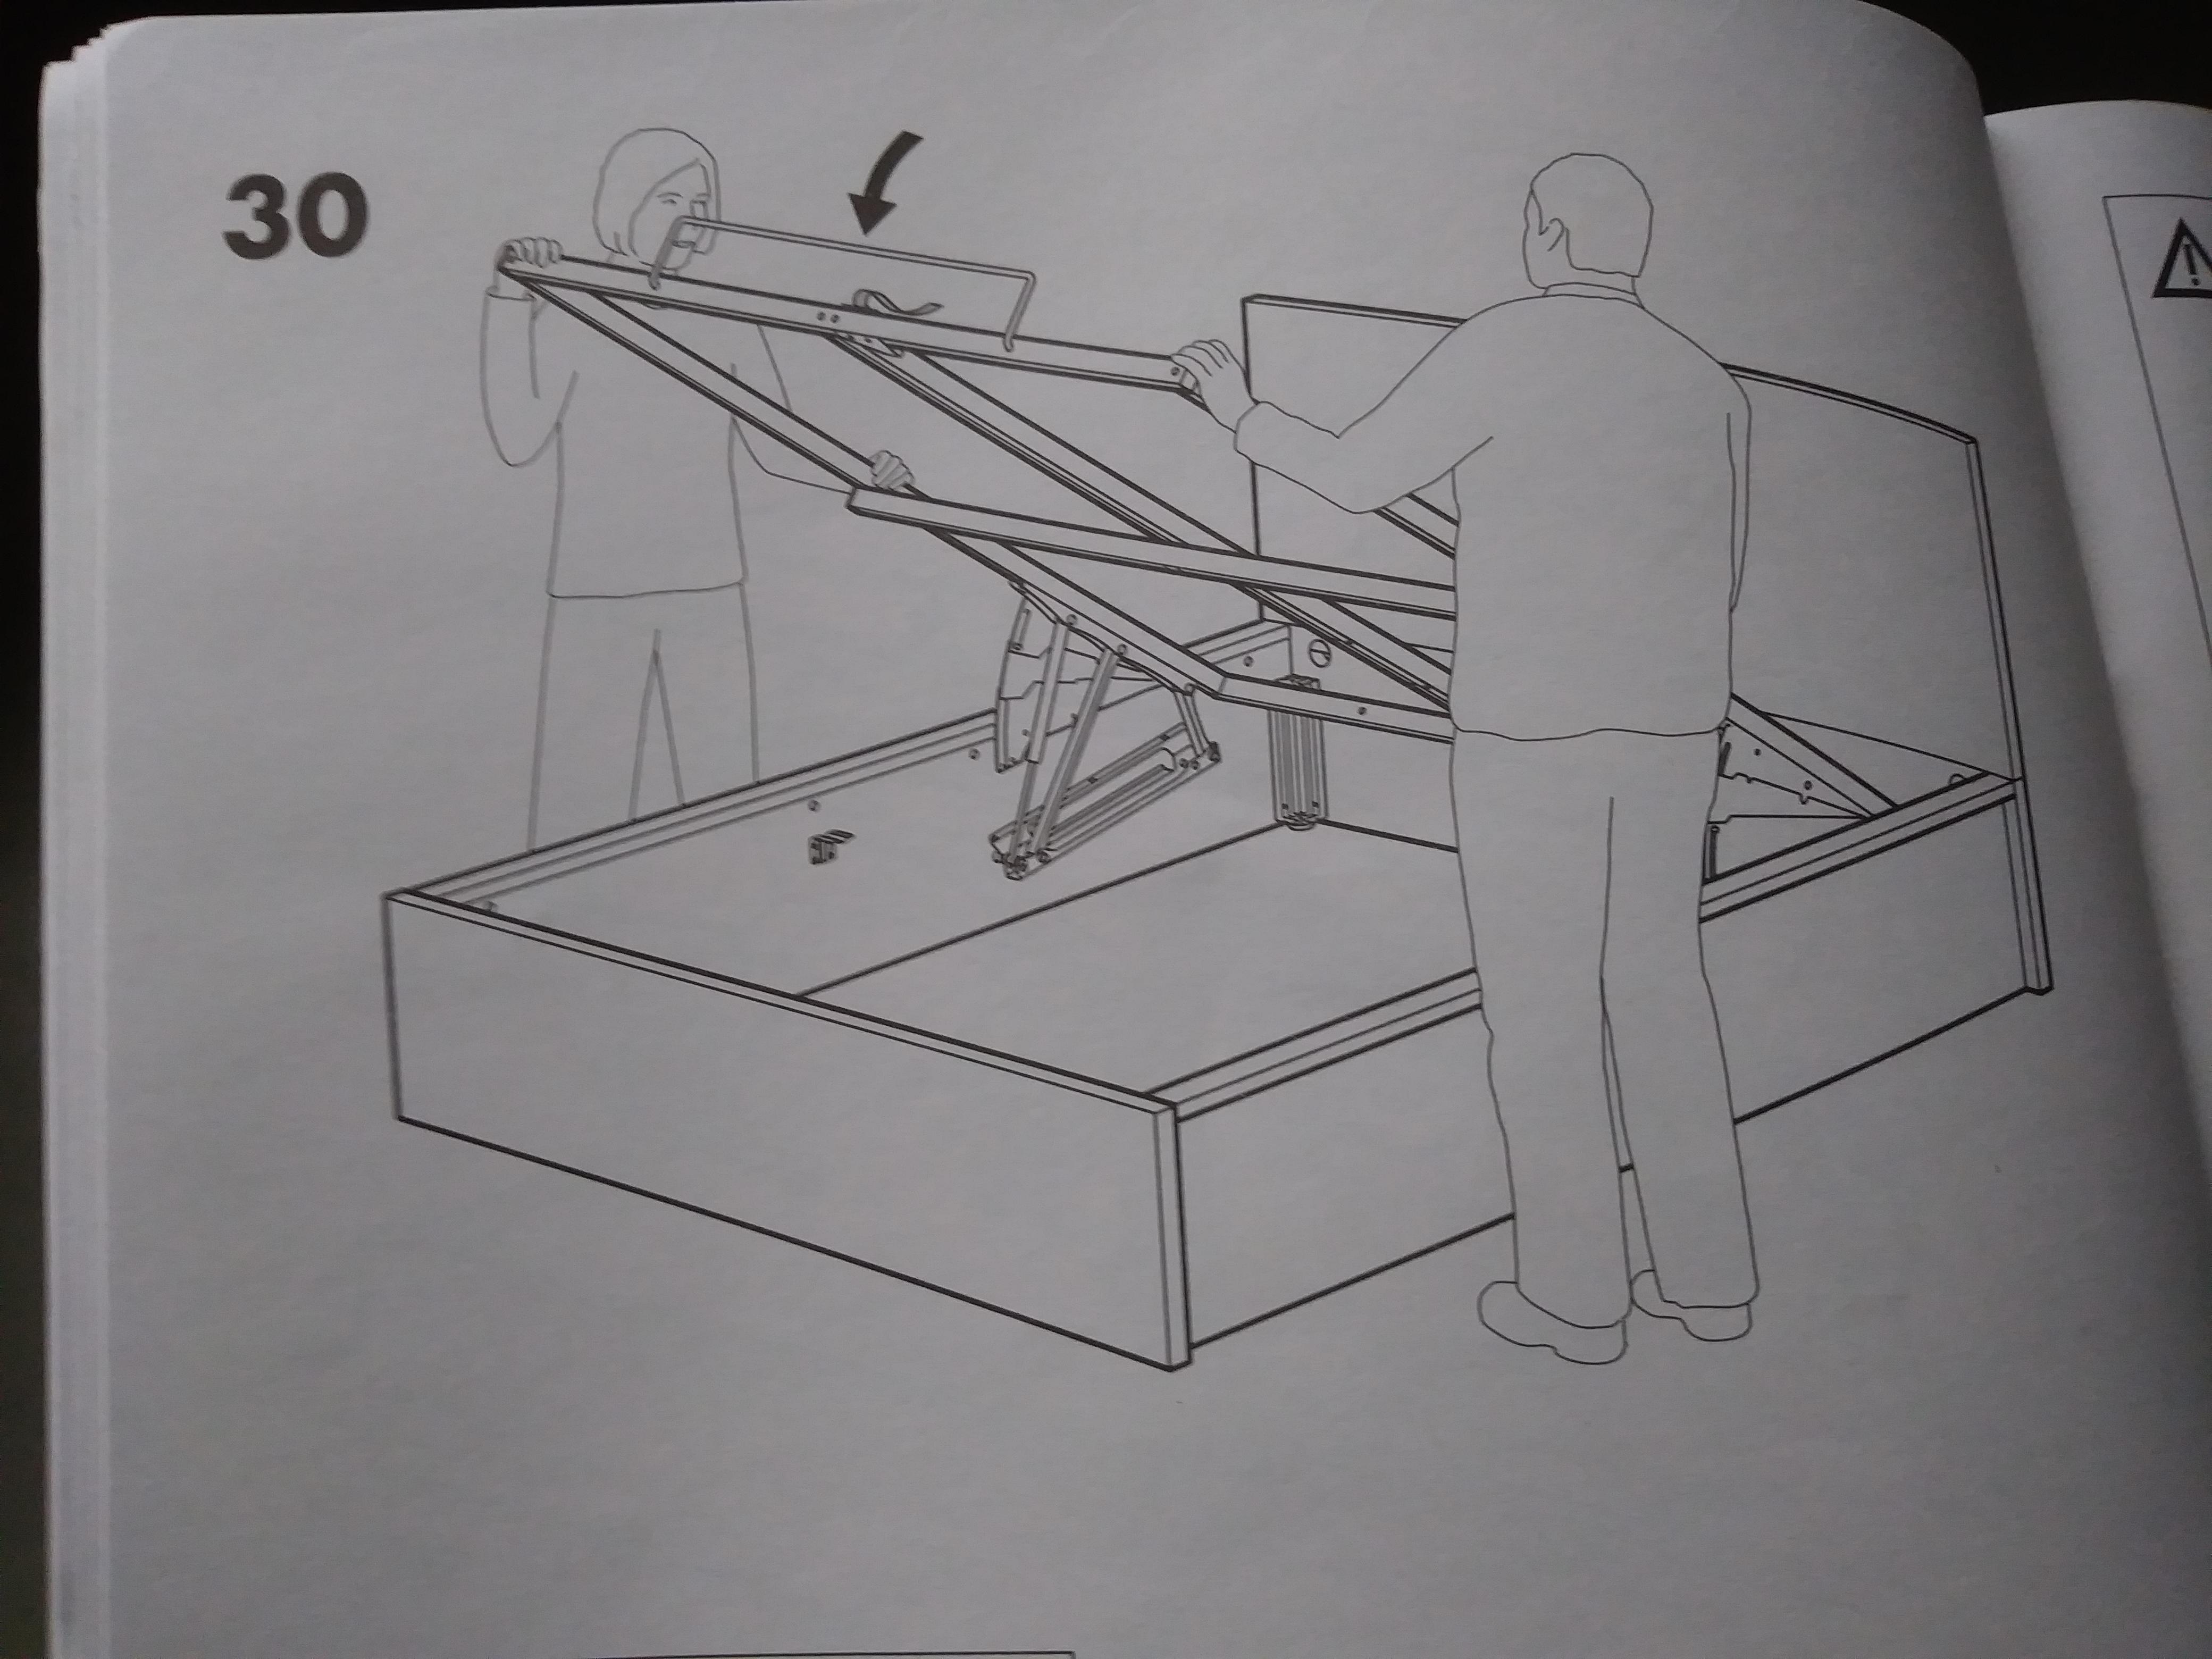 Lit Coffre Malm 160 200 Ikea Dealabs Com